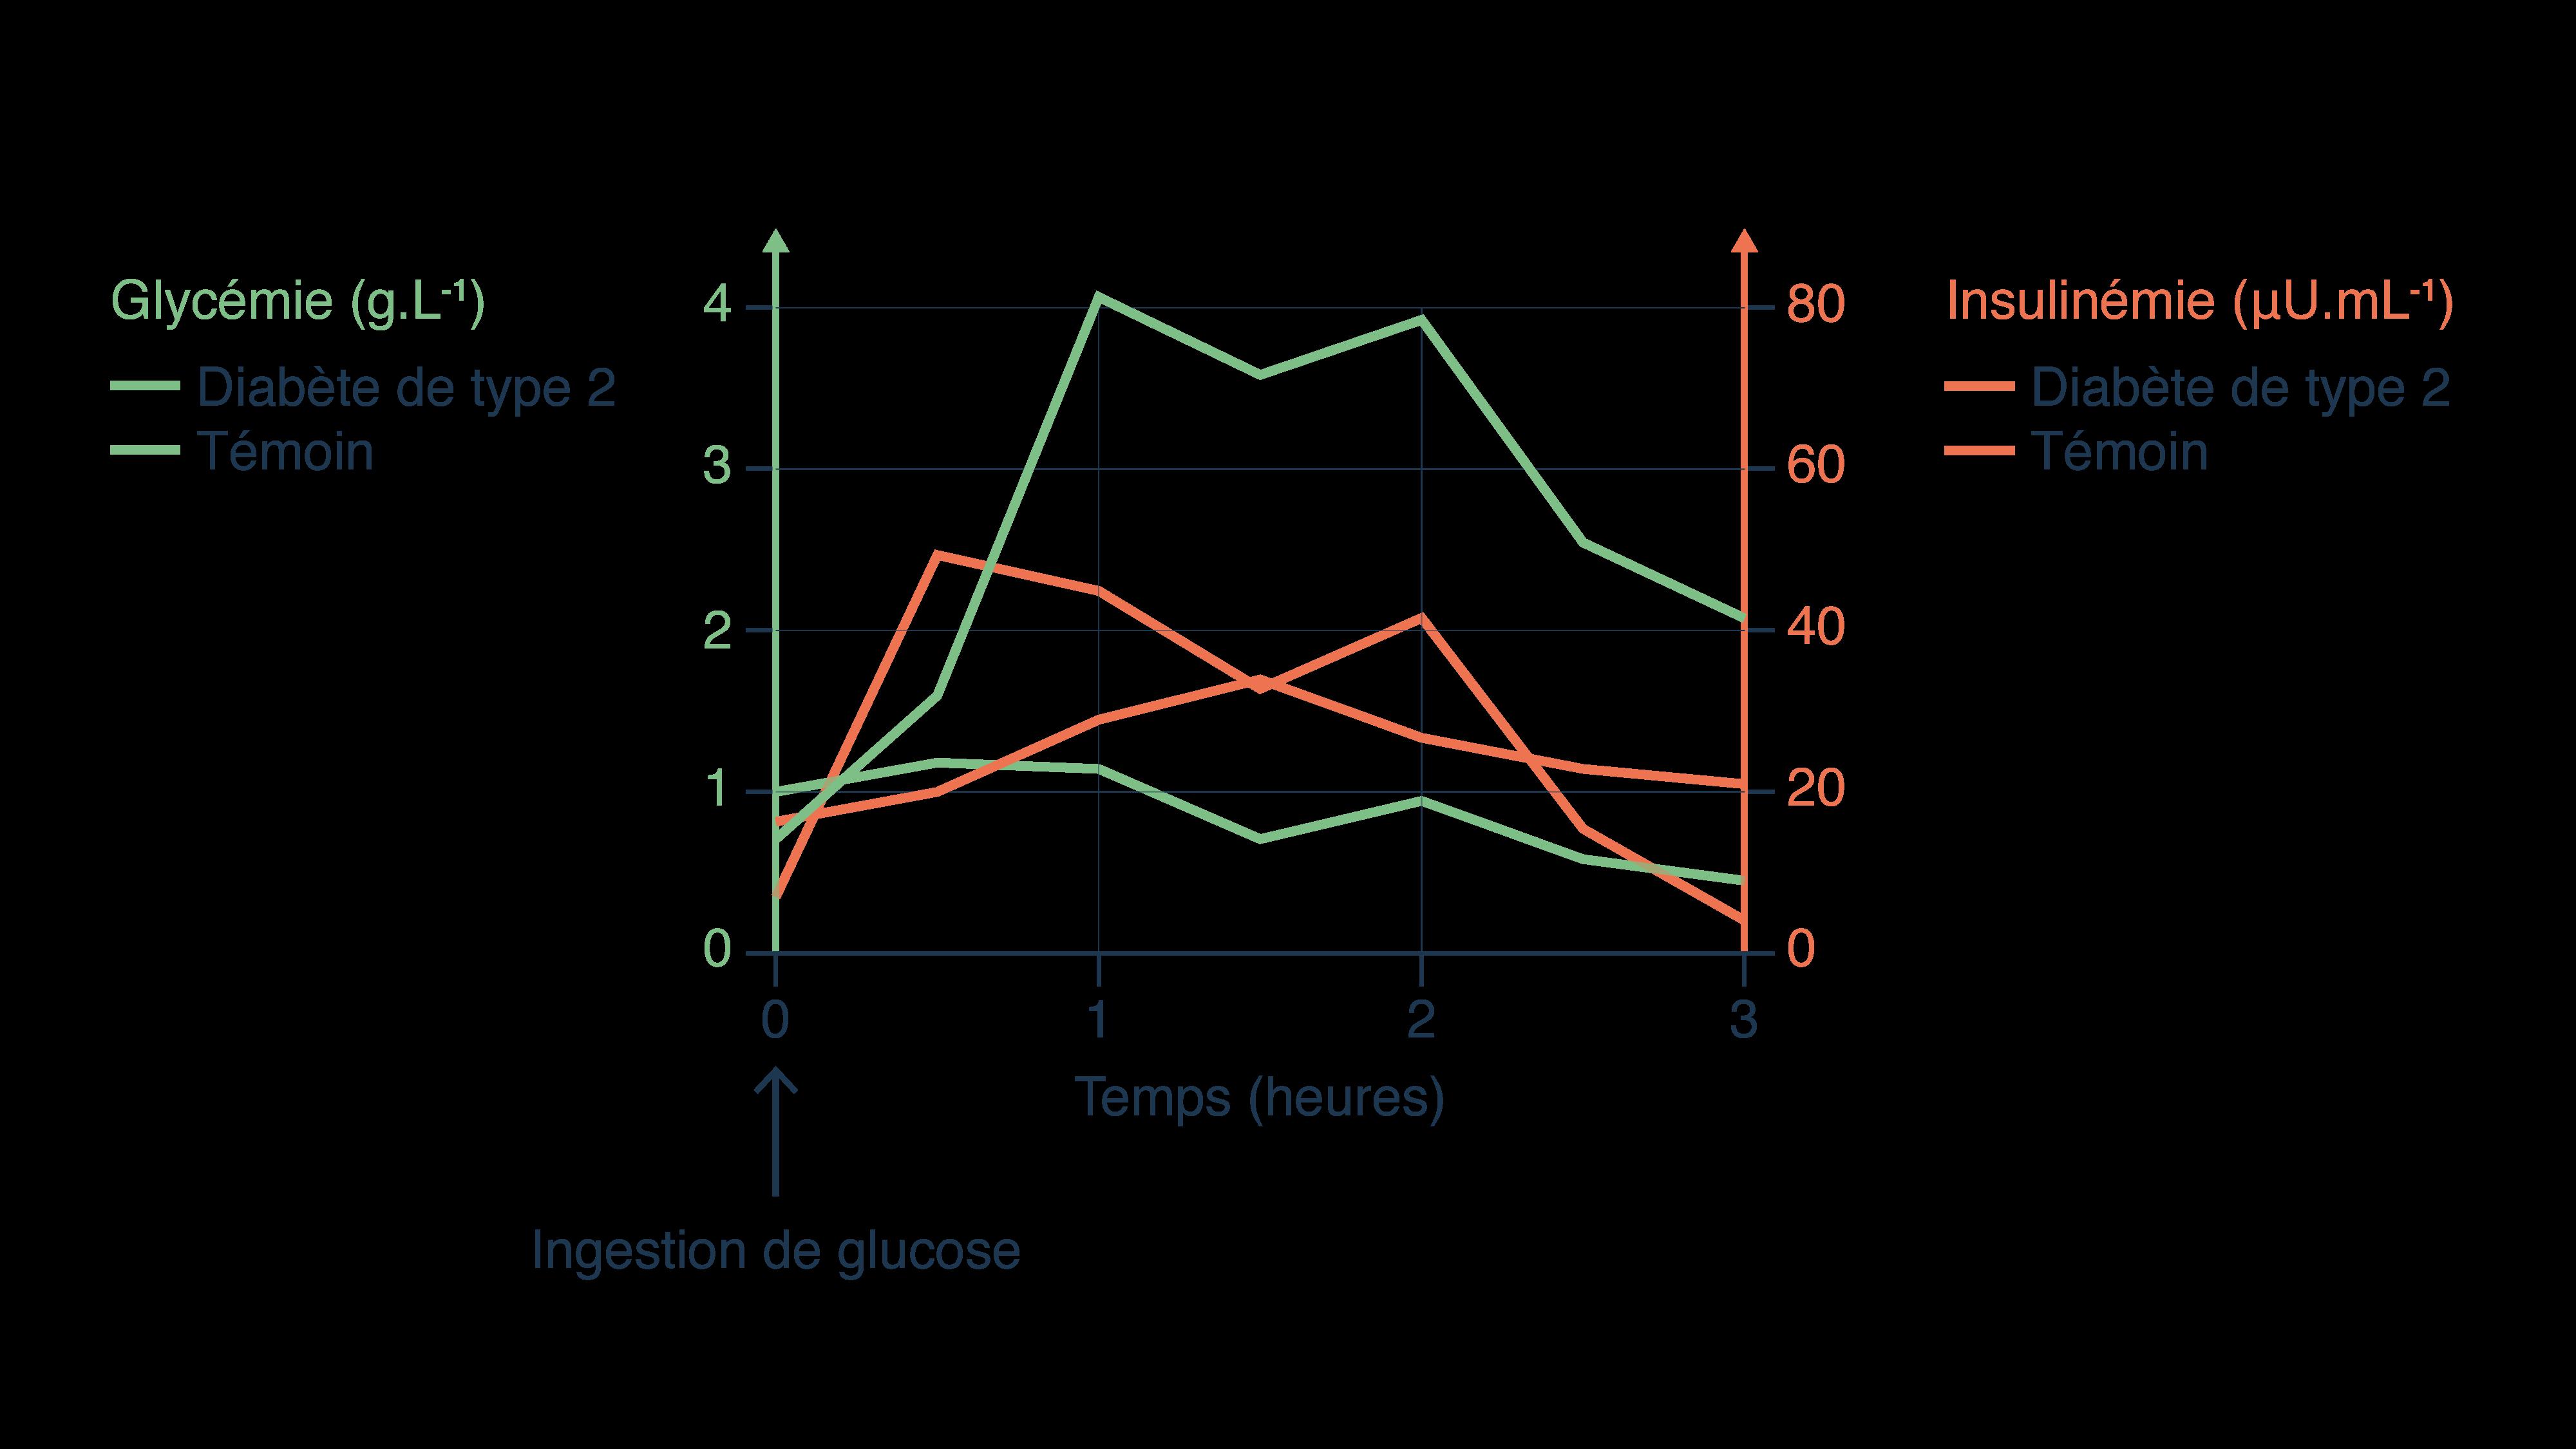 Comparaison de la glycémie et l'insulinémie chez un individu témoin et chez un individu atteint d'un diabète detype2